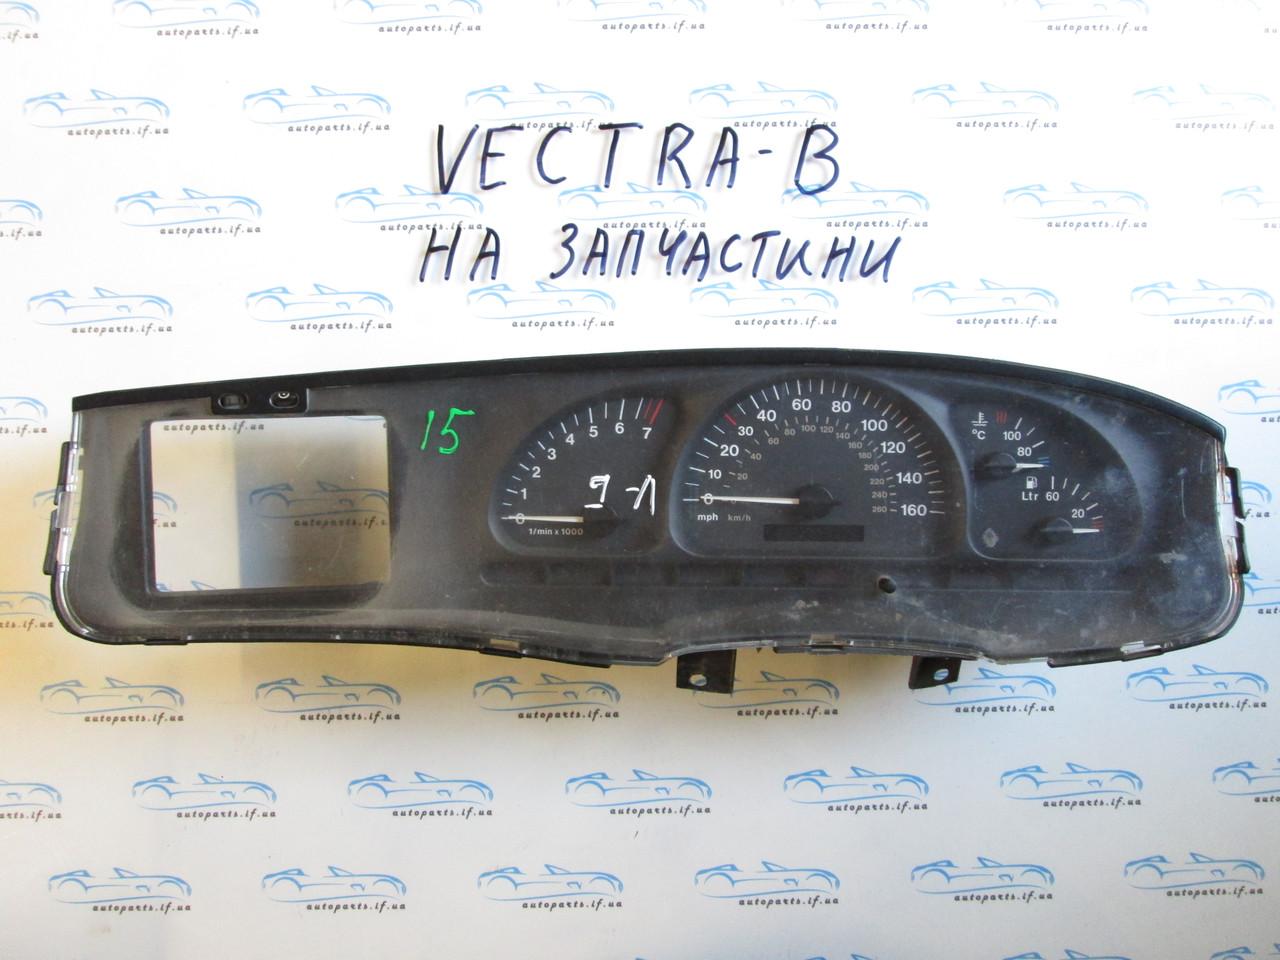 Панель приборов Опель Вектра Б, opel Vectra B №15 на запчасти